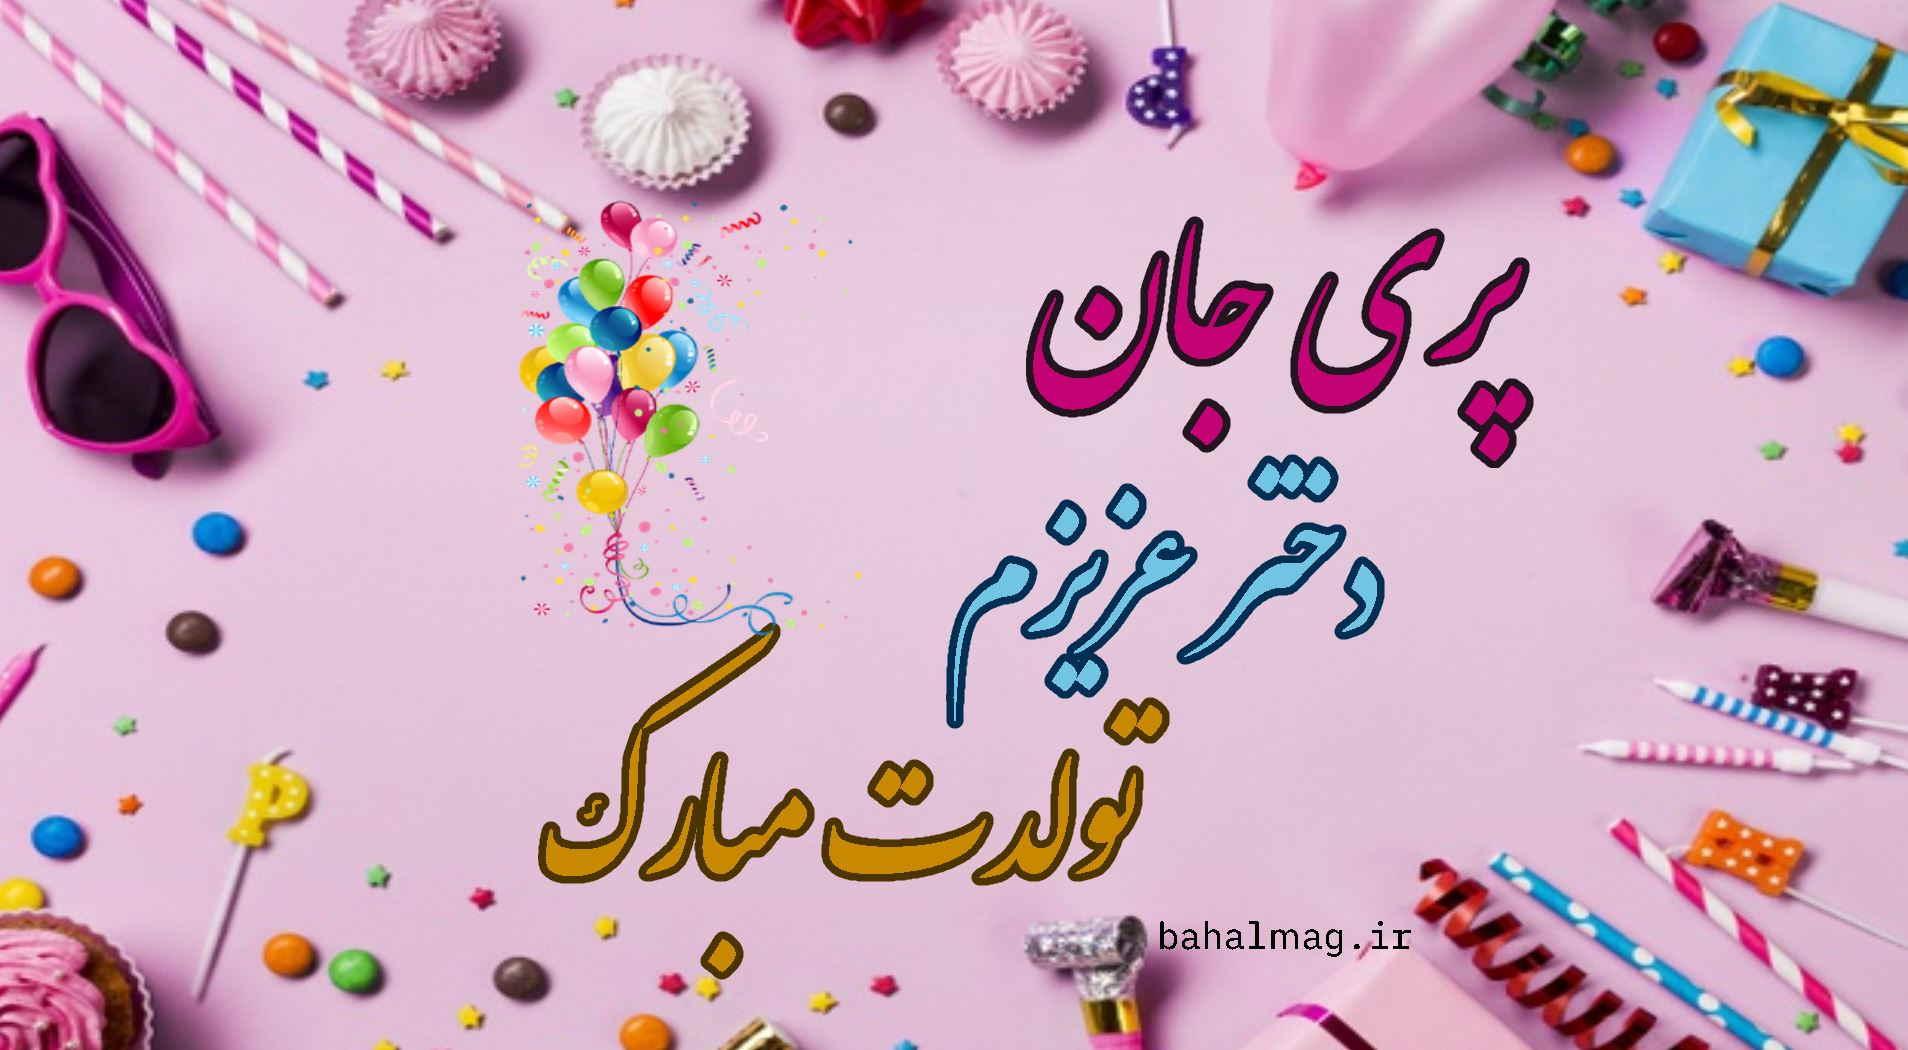 پری دختر عزیزم تولدت مبارک باد